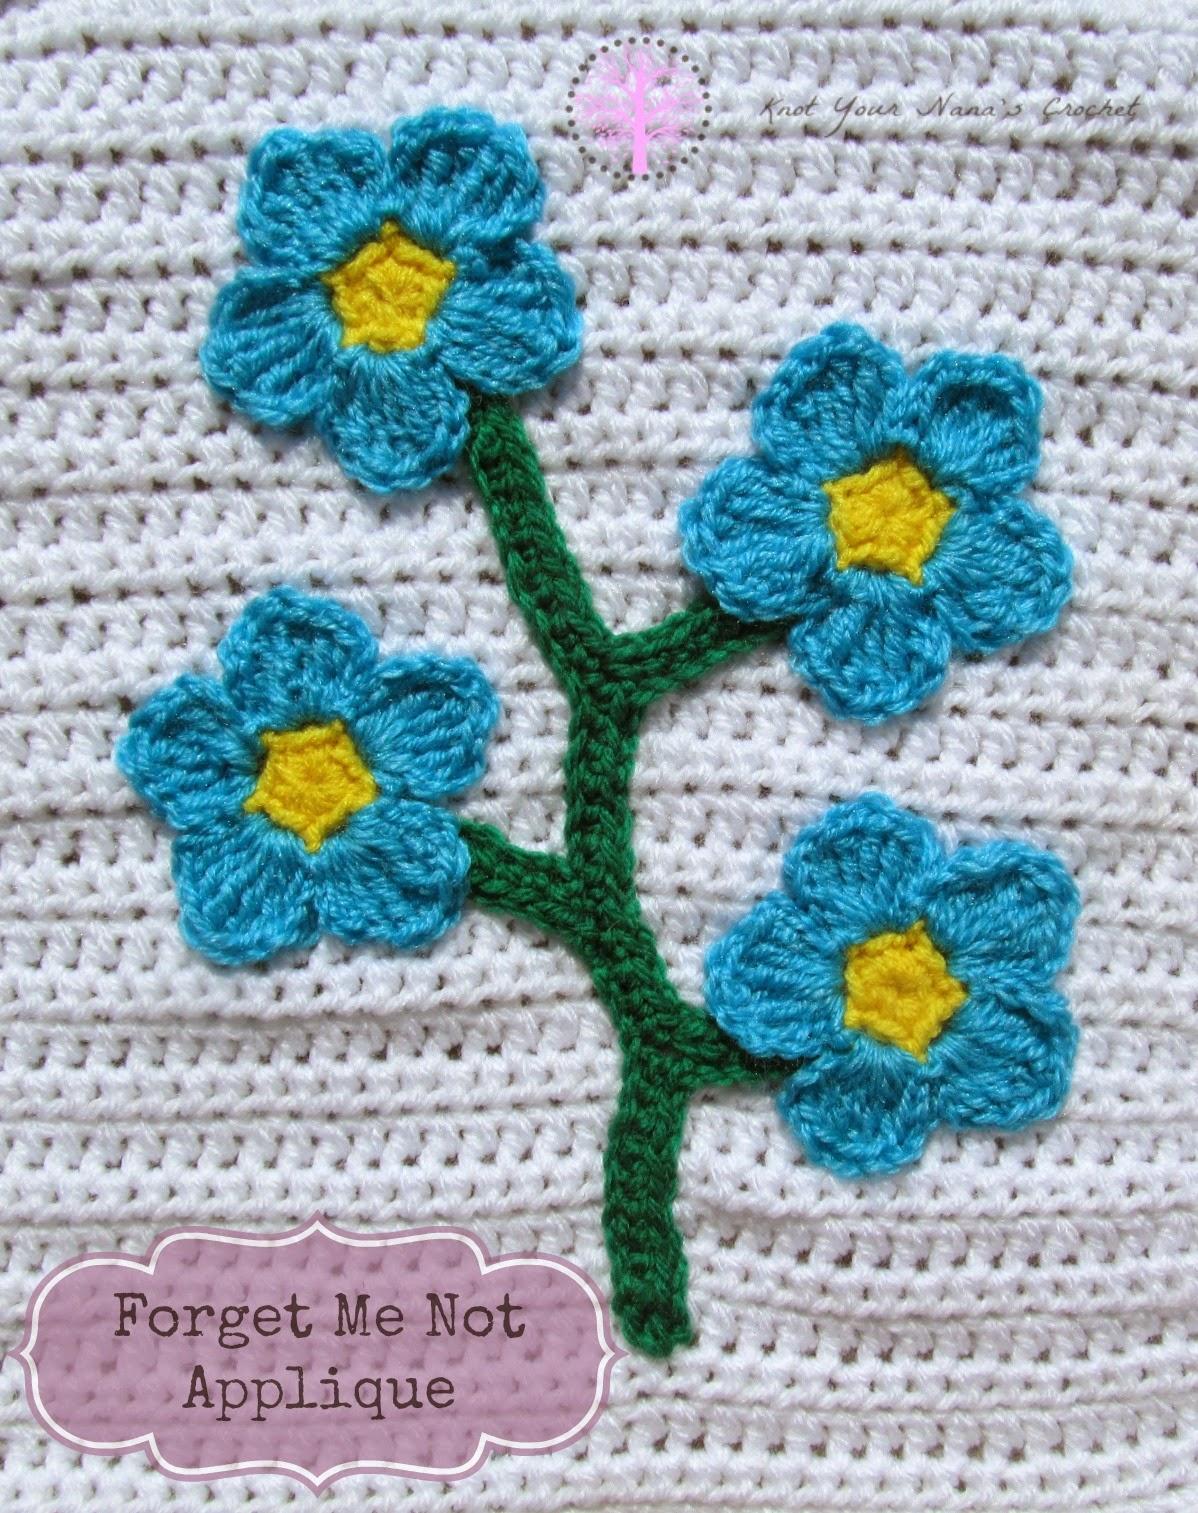 Crochet Forget Me Not Applique